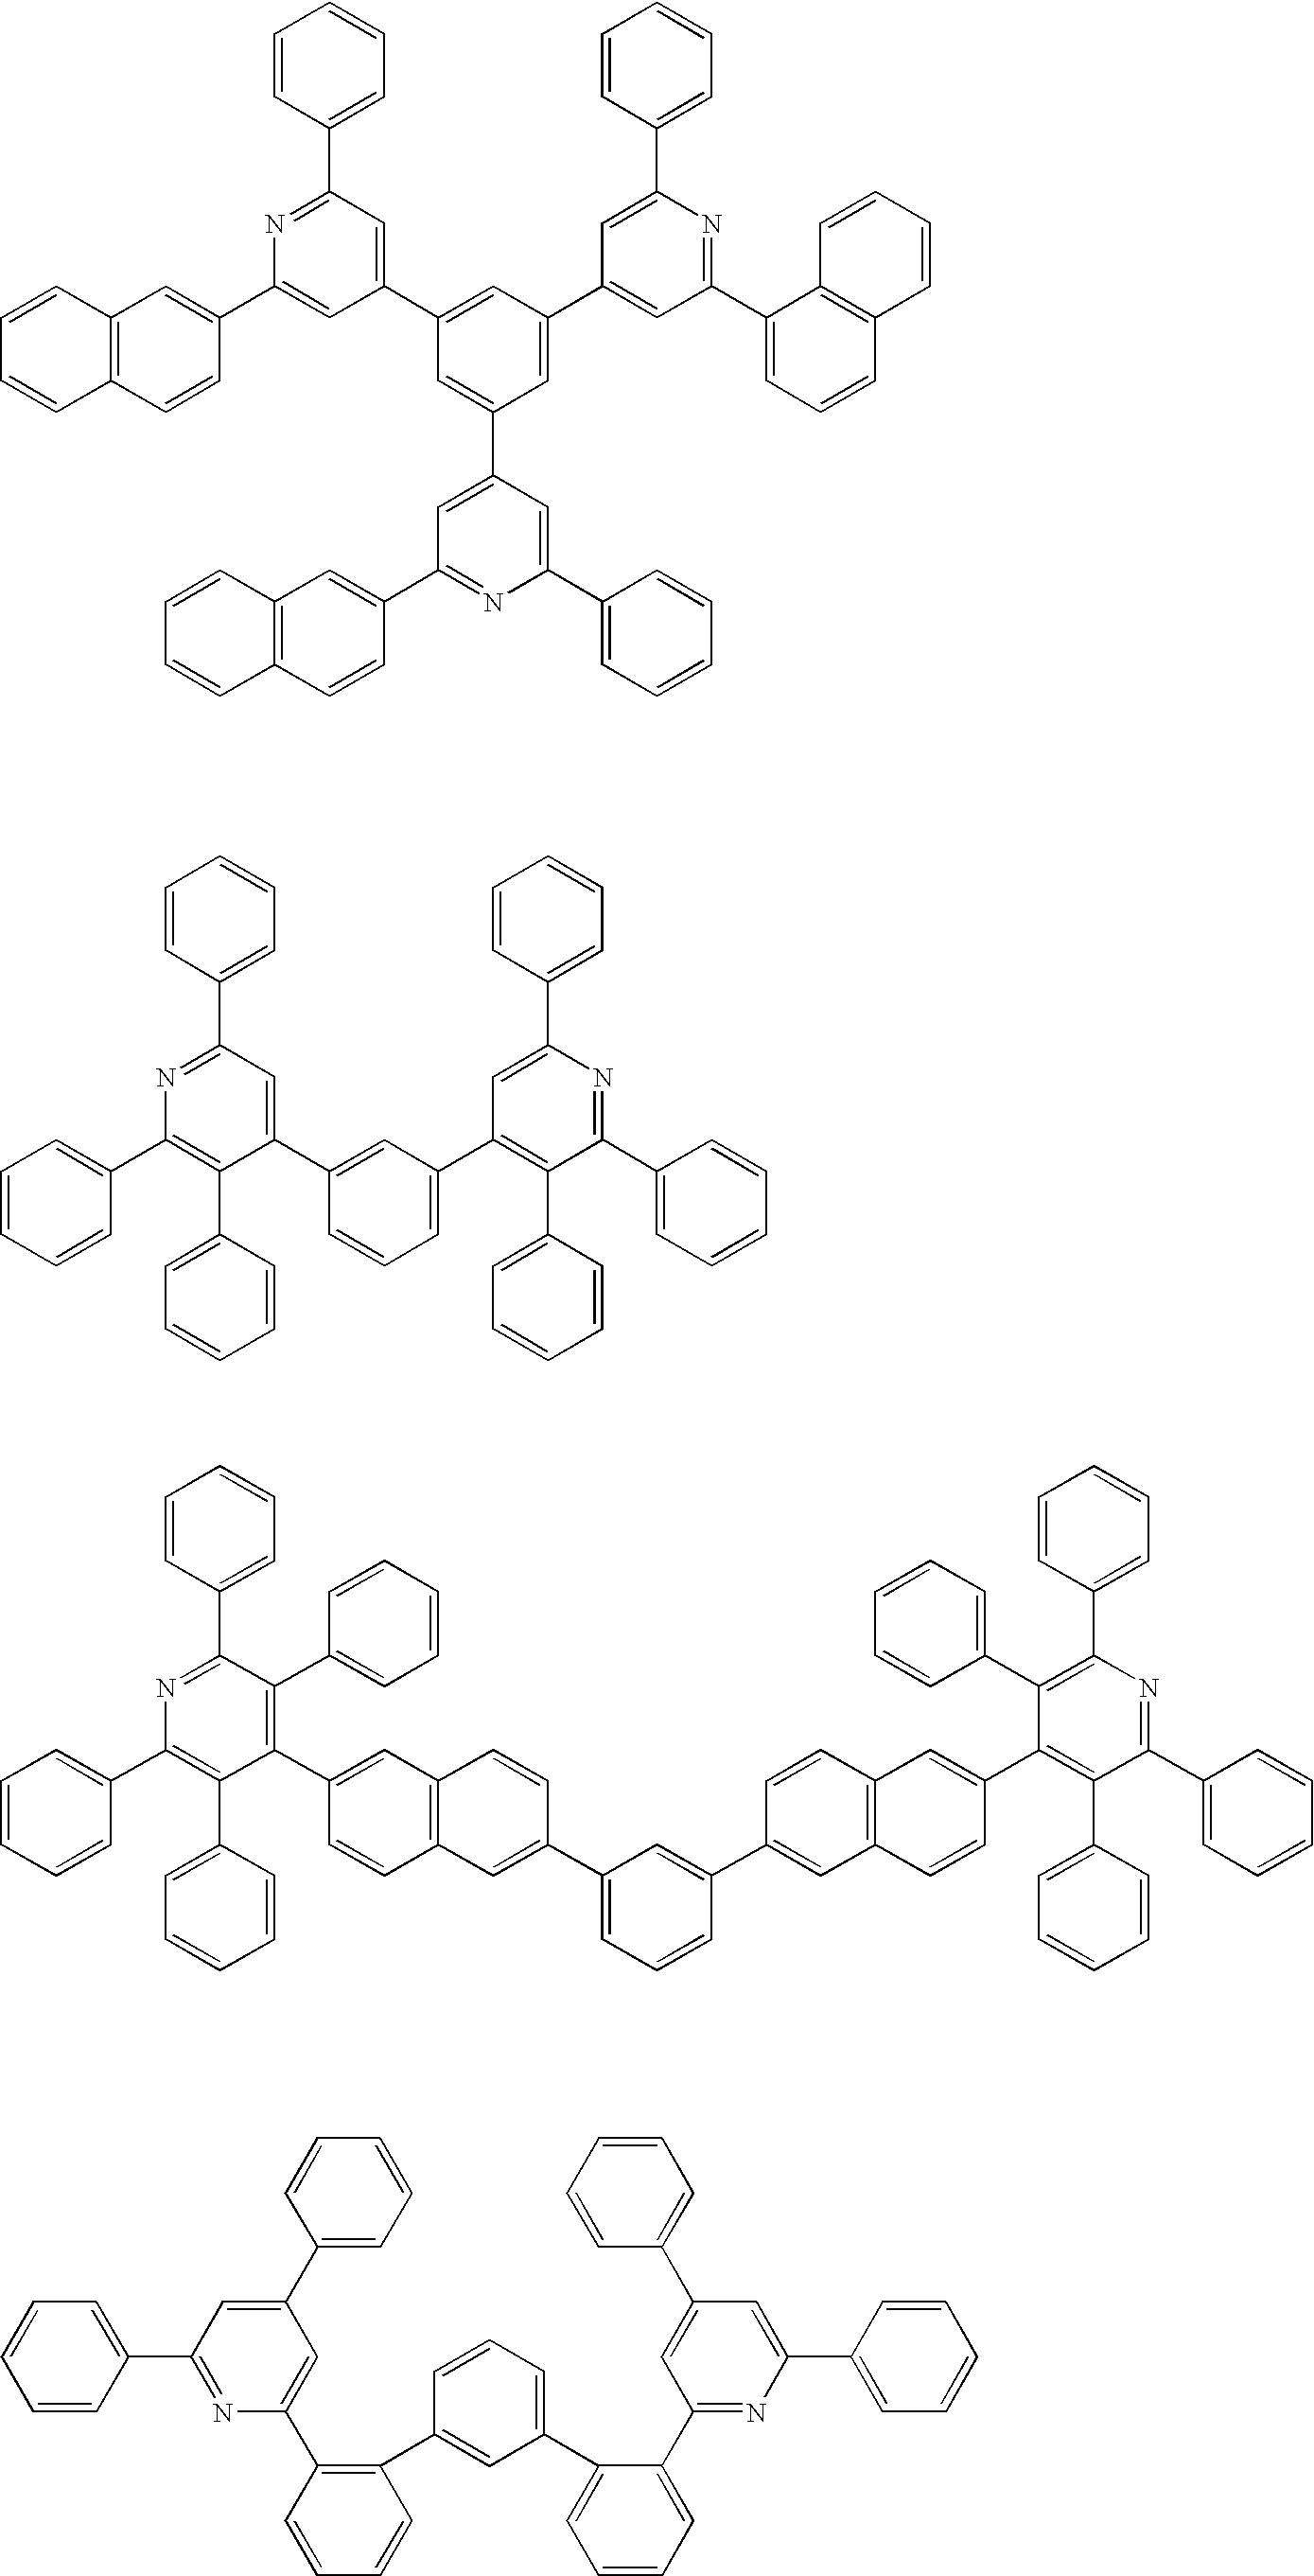 Figure US20060186796A1-20060824-C00101